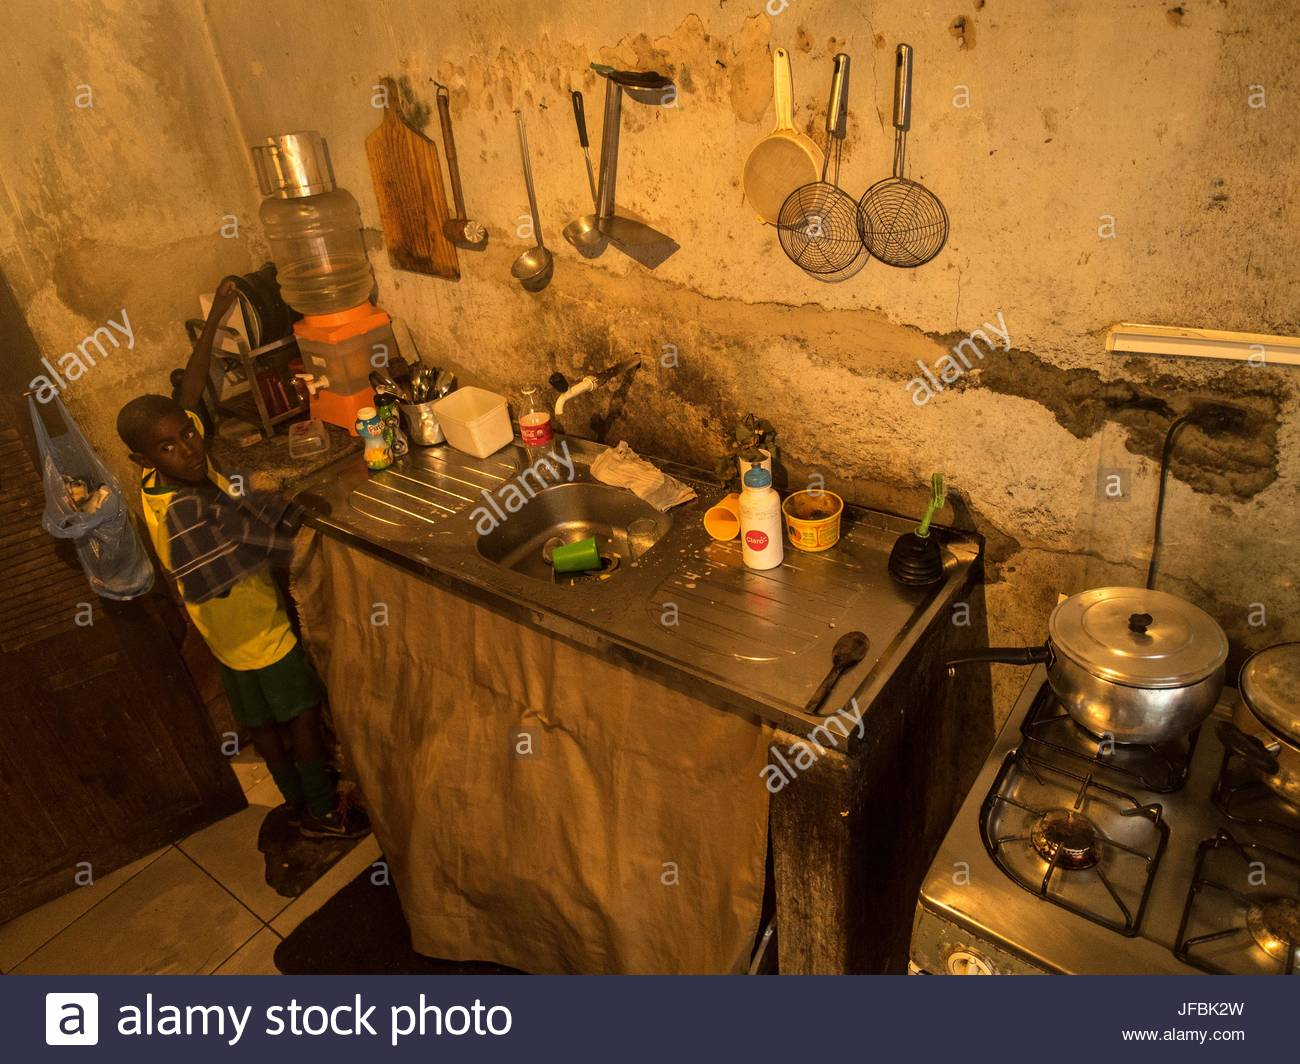 A boy in a basic kitchen at his home in Favela Nova Holanda, a slum neighborhood in Rio de Janeiro. - Stock Image